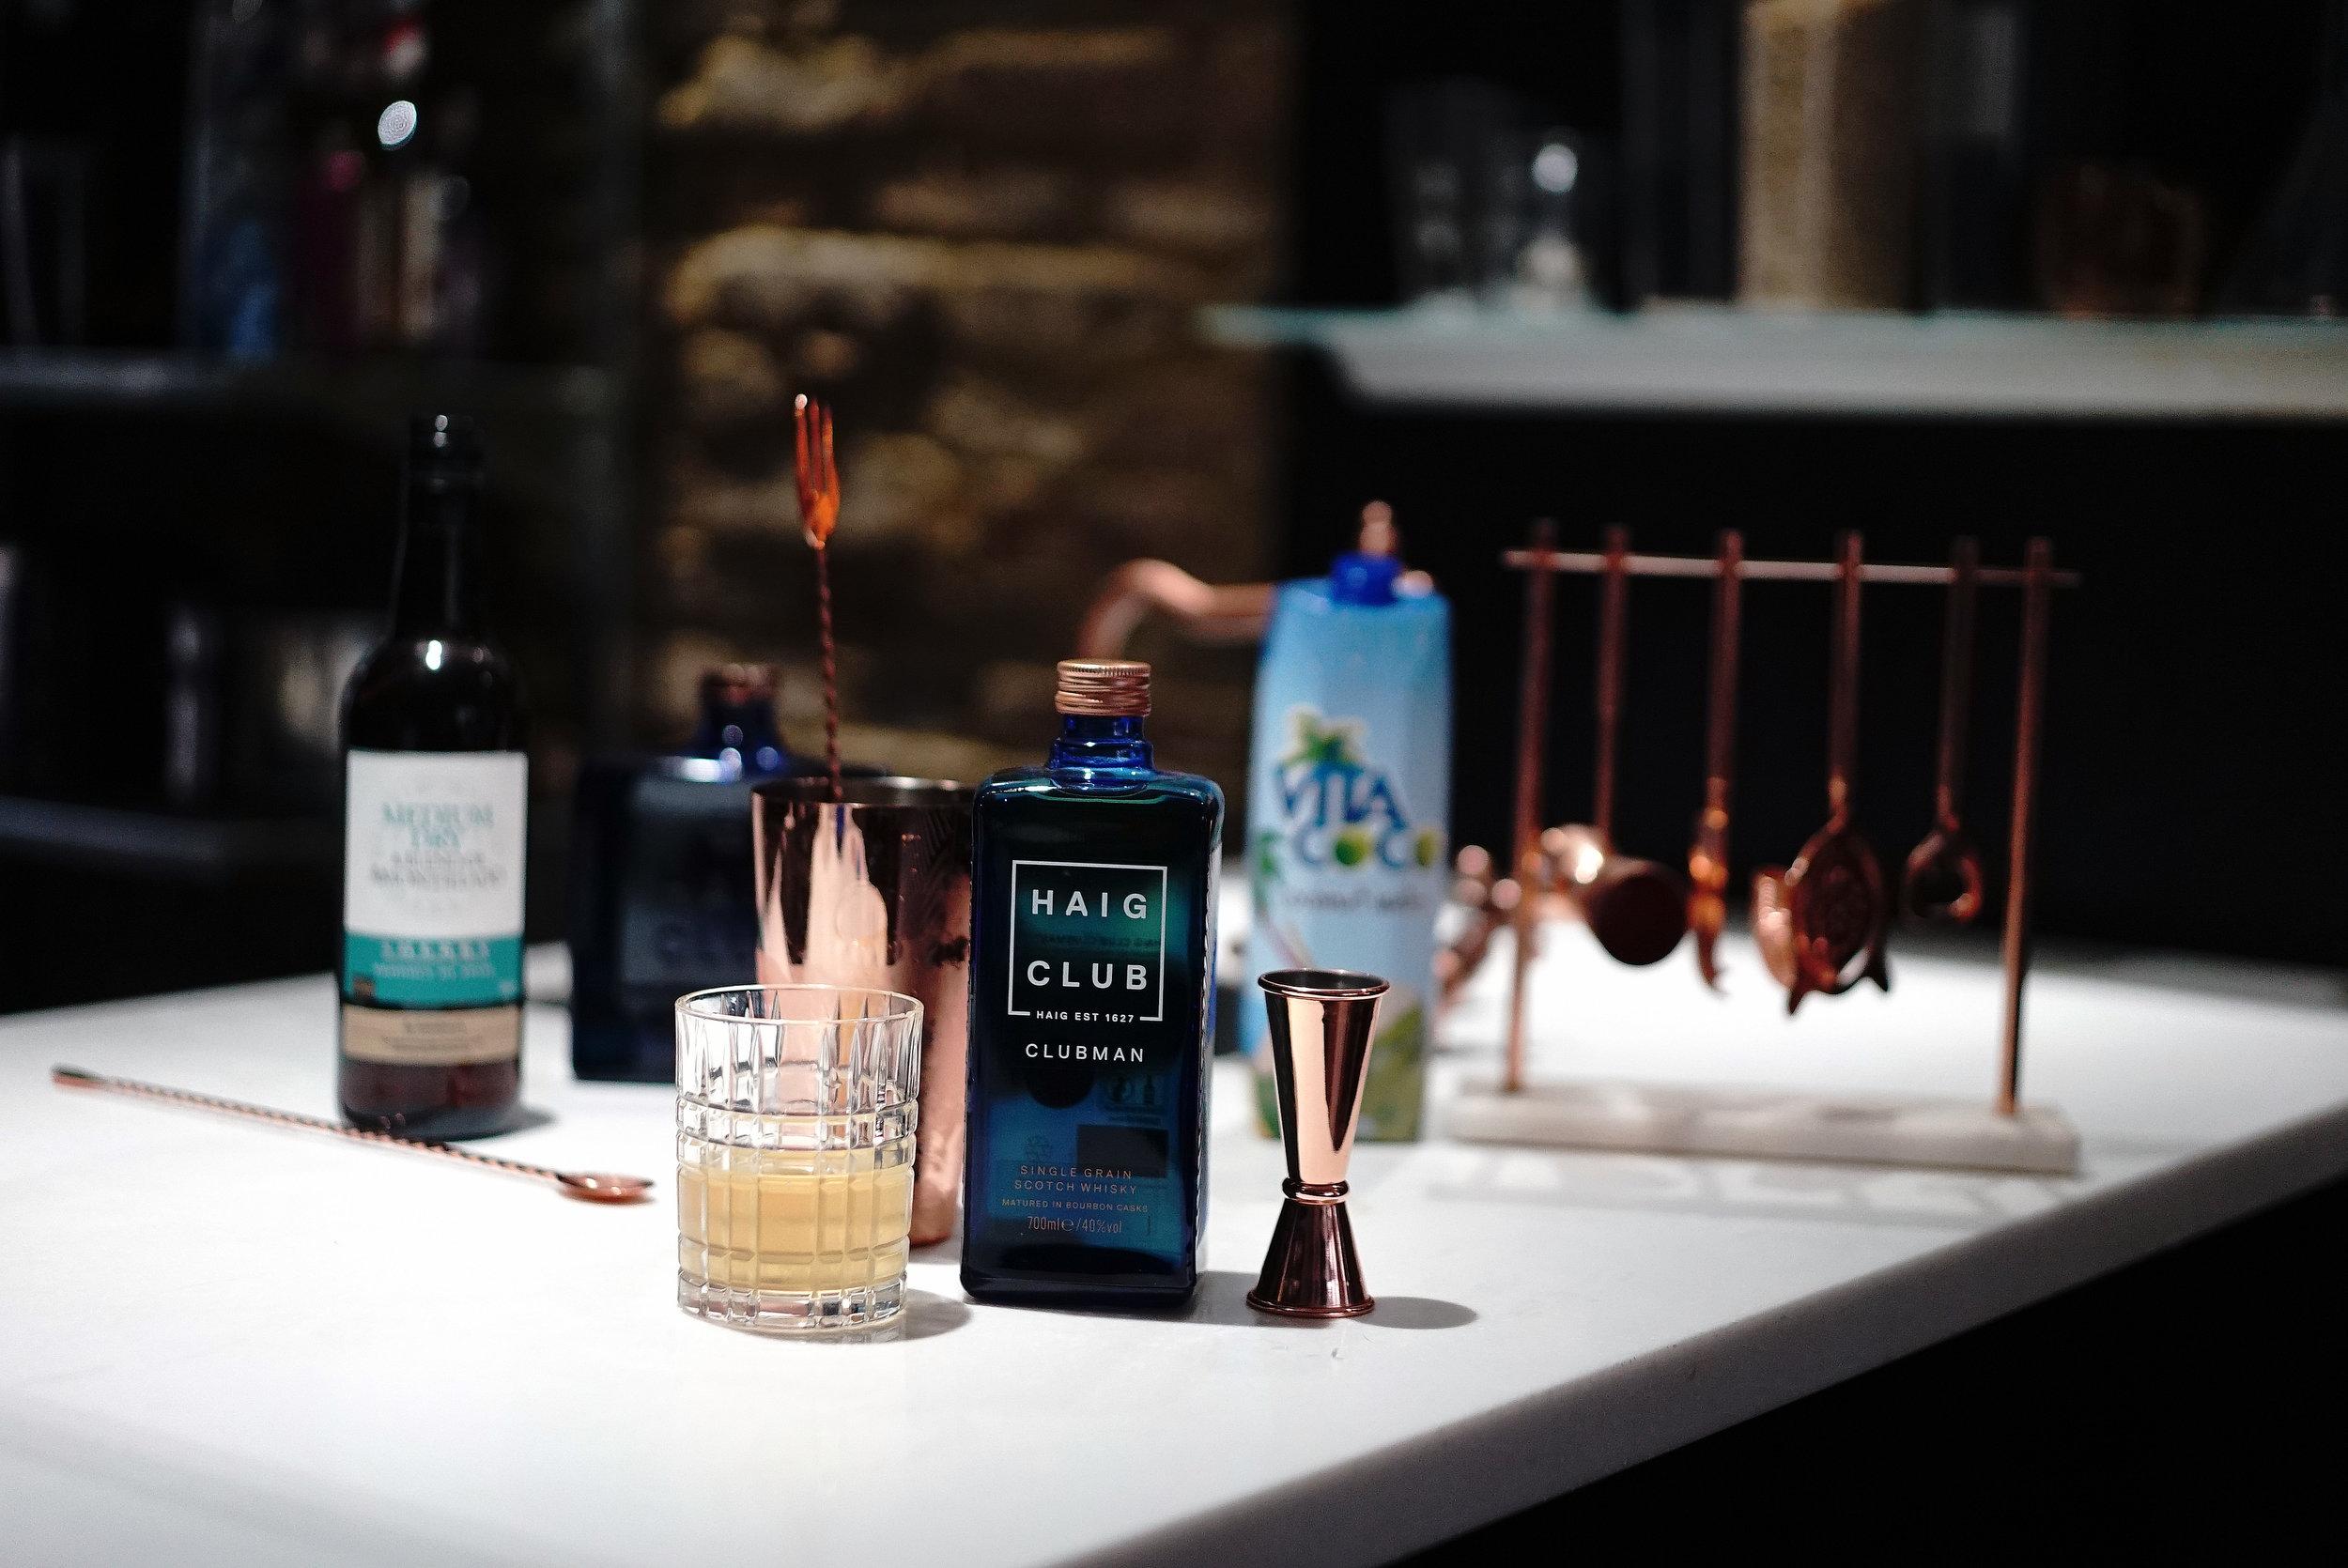 Haig Club Clubman Cocktails 2.jpg